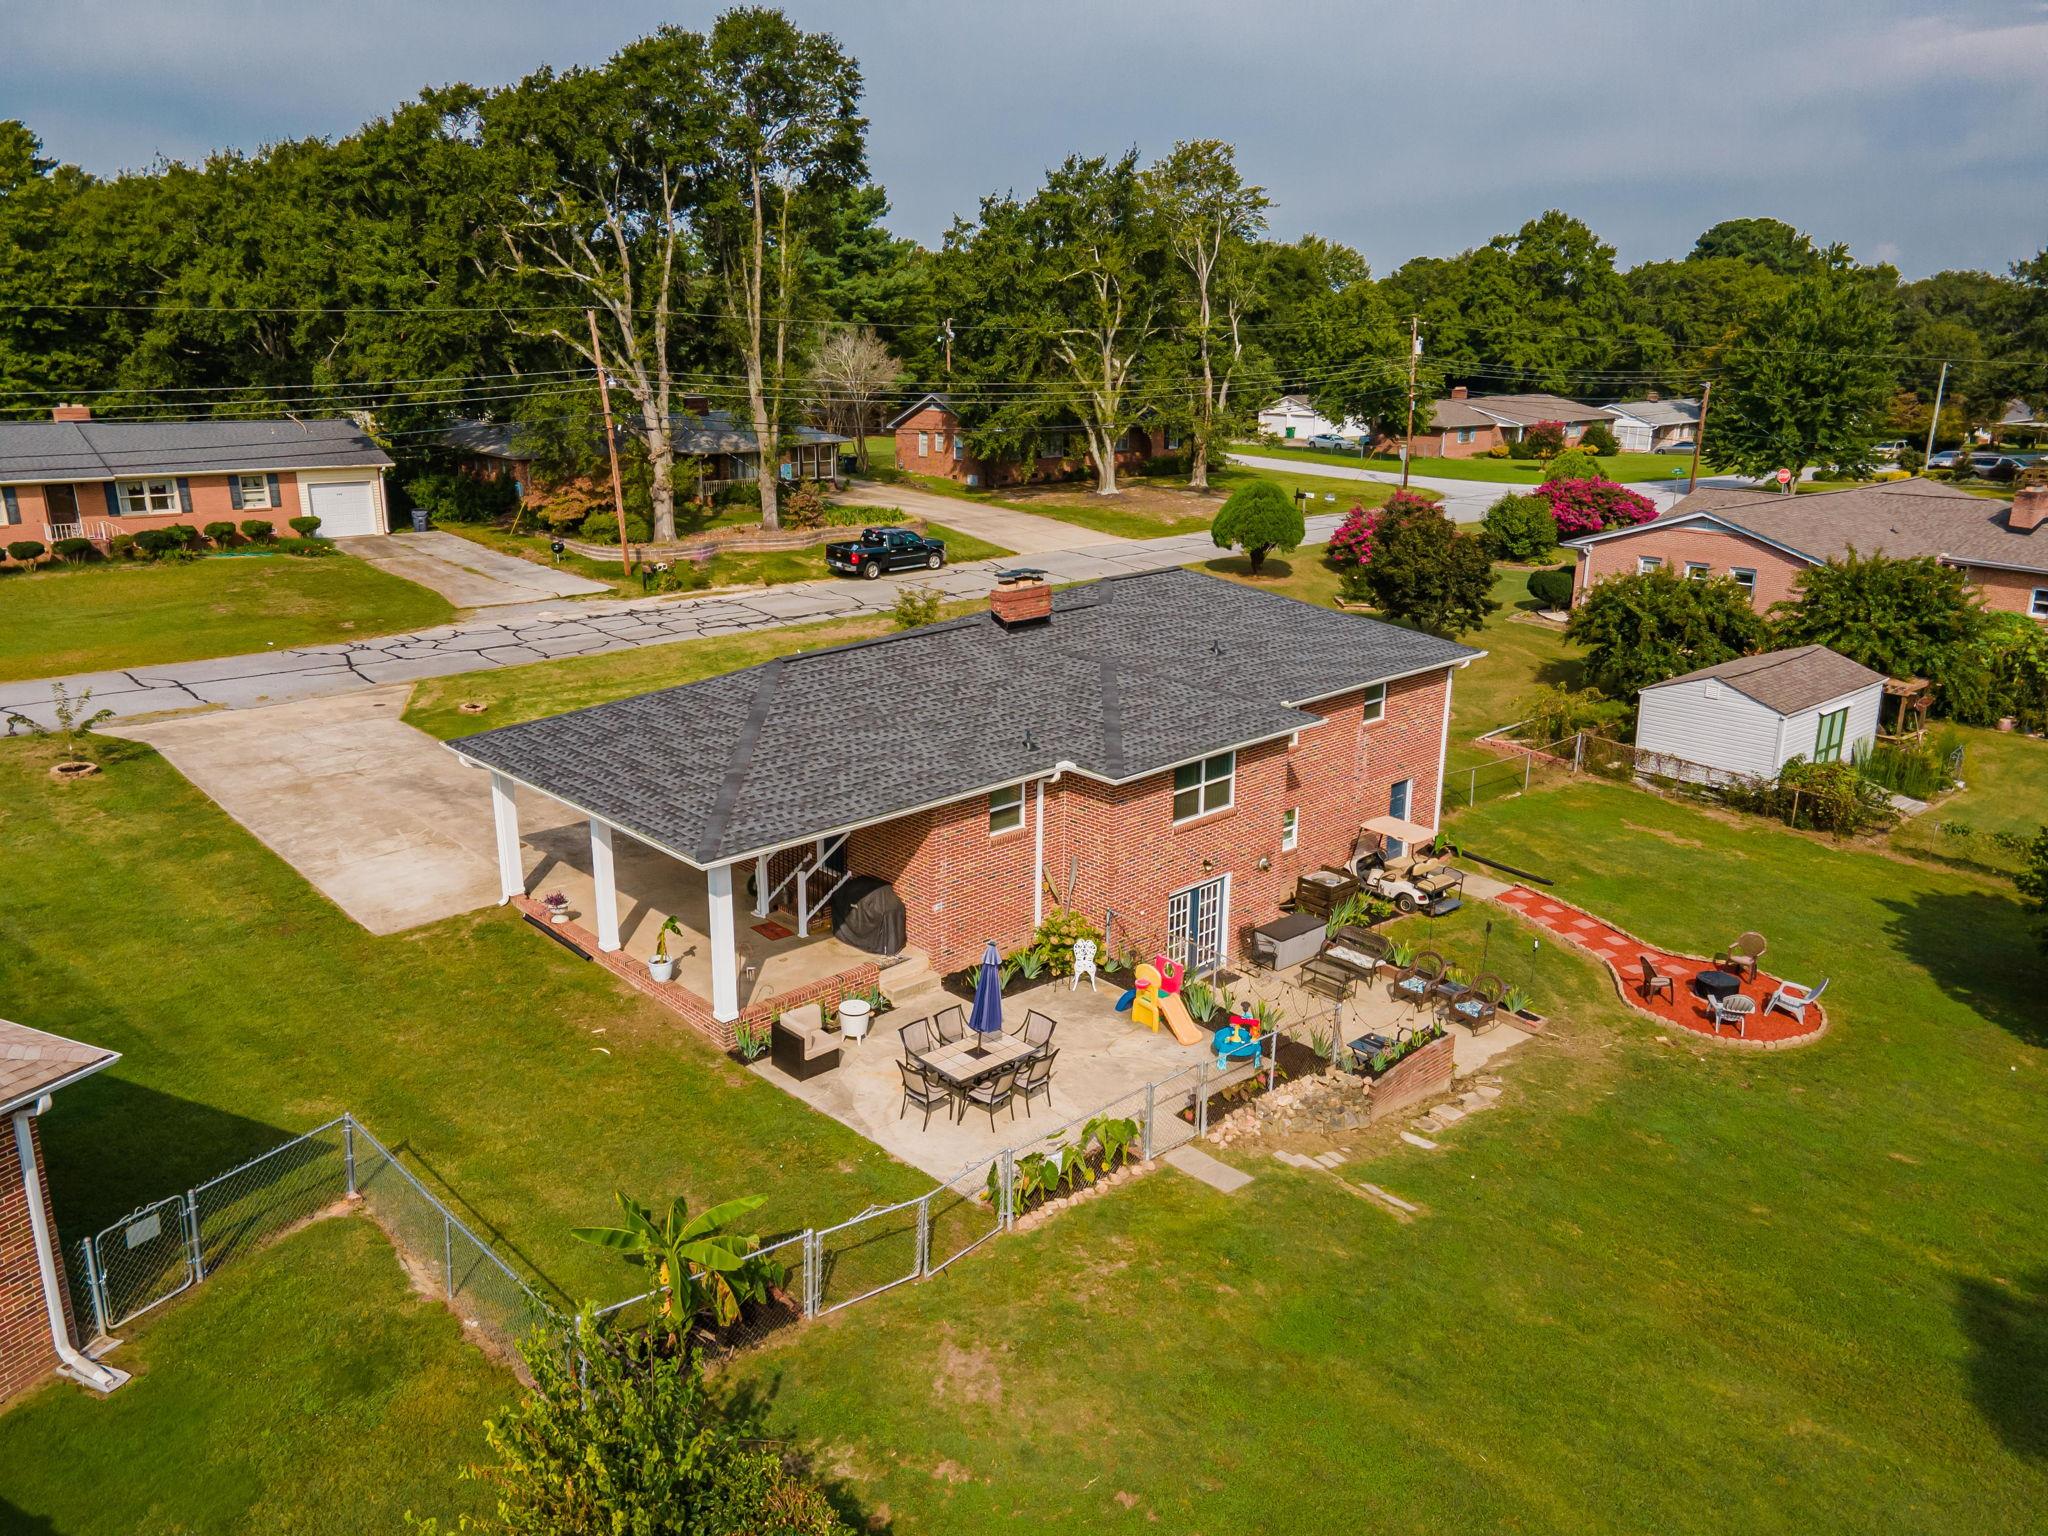 102 Fairhaven Dr, Taylors, SC 29687, USA Photo 1